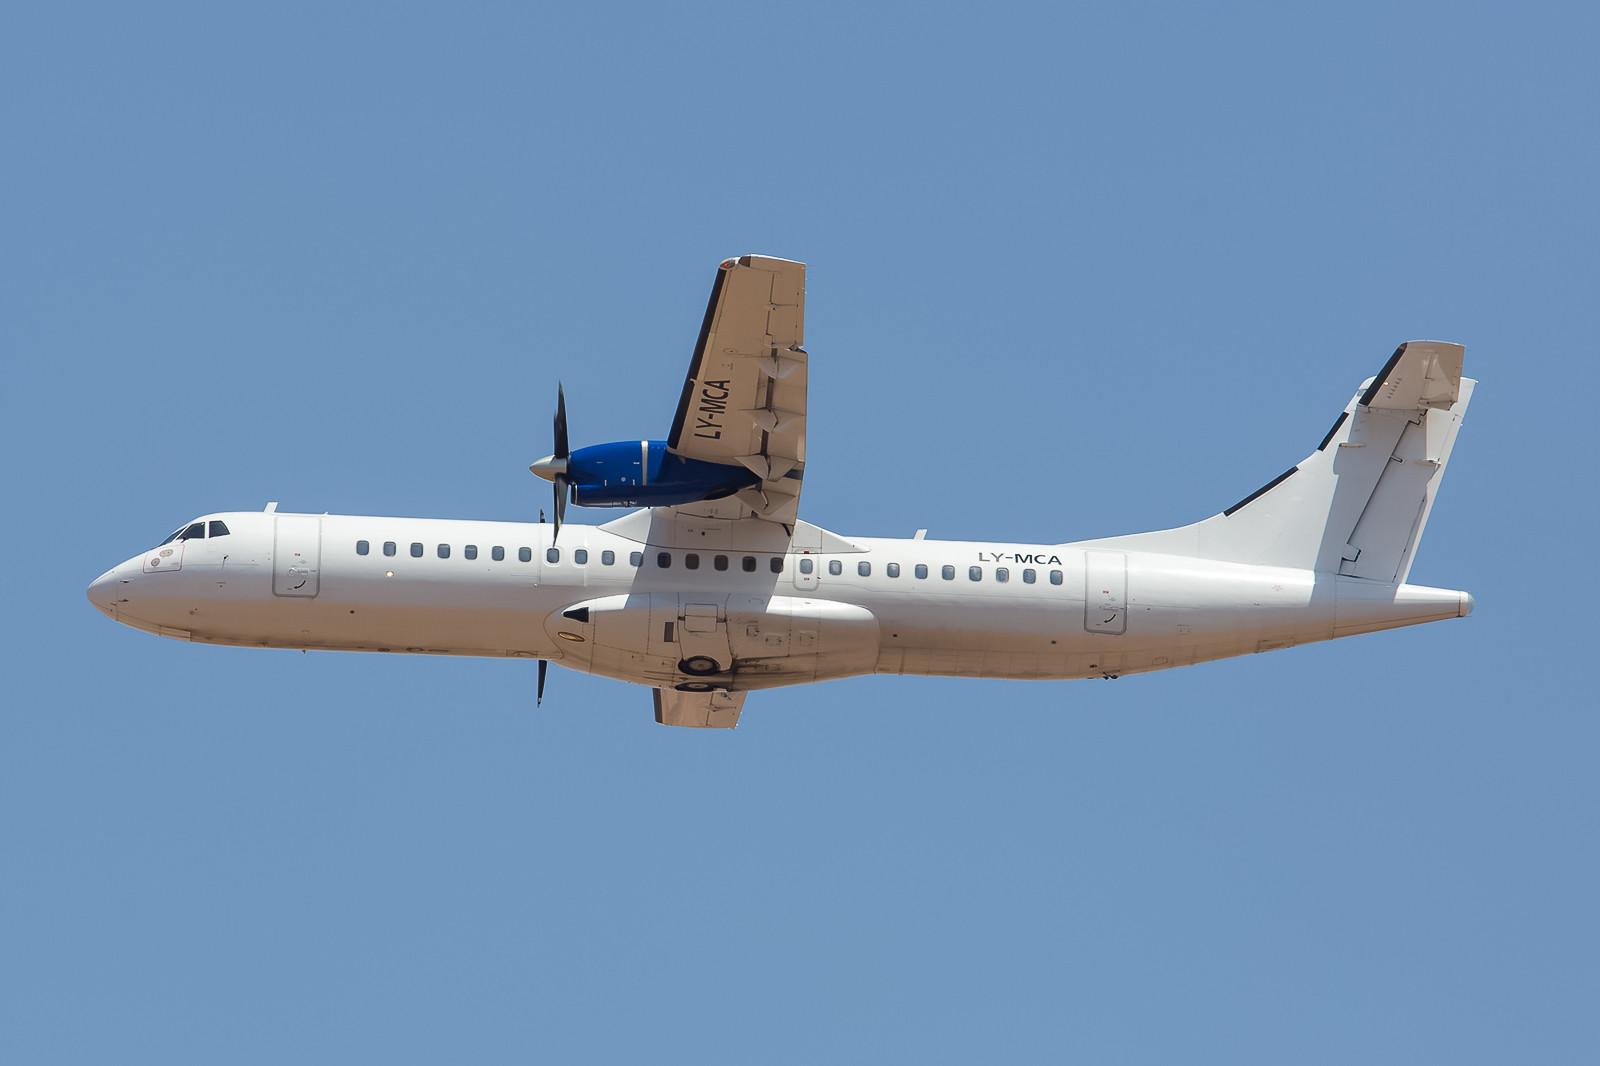 23 Jahre ist diese ATR72-201 nun schon alt. Sie flog u.a. bei Hansung, Transasia, Aero Airlines, Finnair, Goldenair, Blue1 und Danu Oro. Neuer Eigentümer ist jetzt Royal Air Maroc.